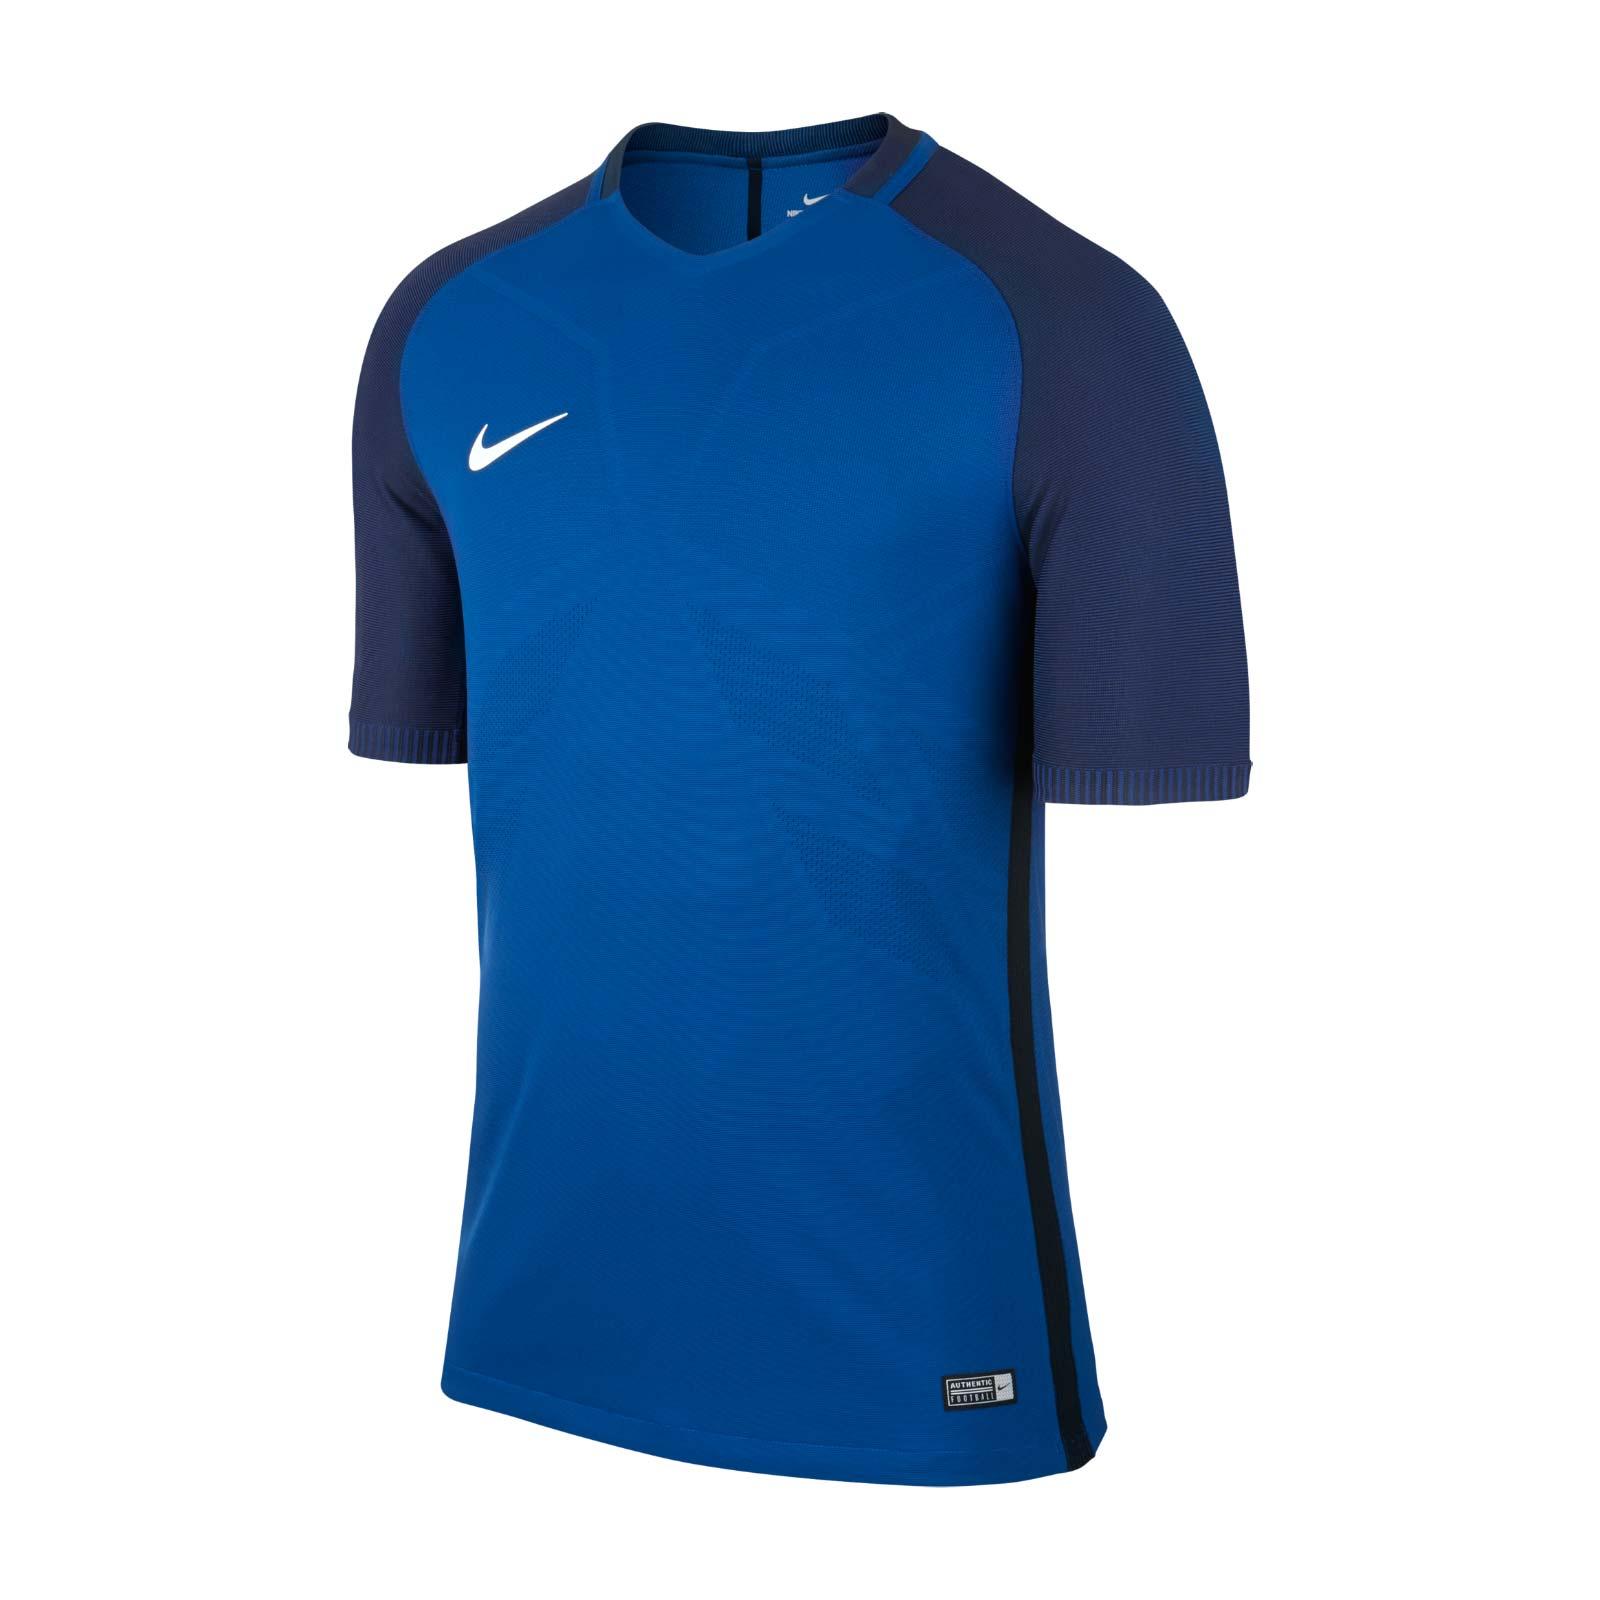 maillot-football-nike-vapor-1-jersey-teamwear-bleu